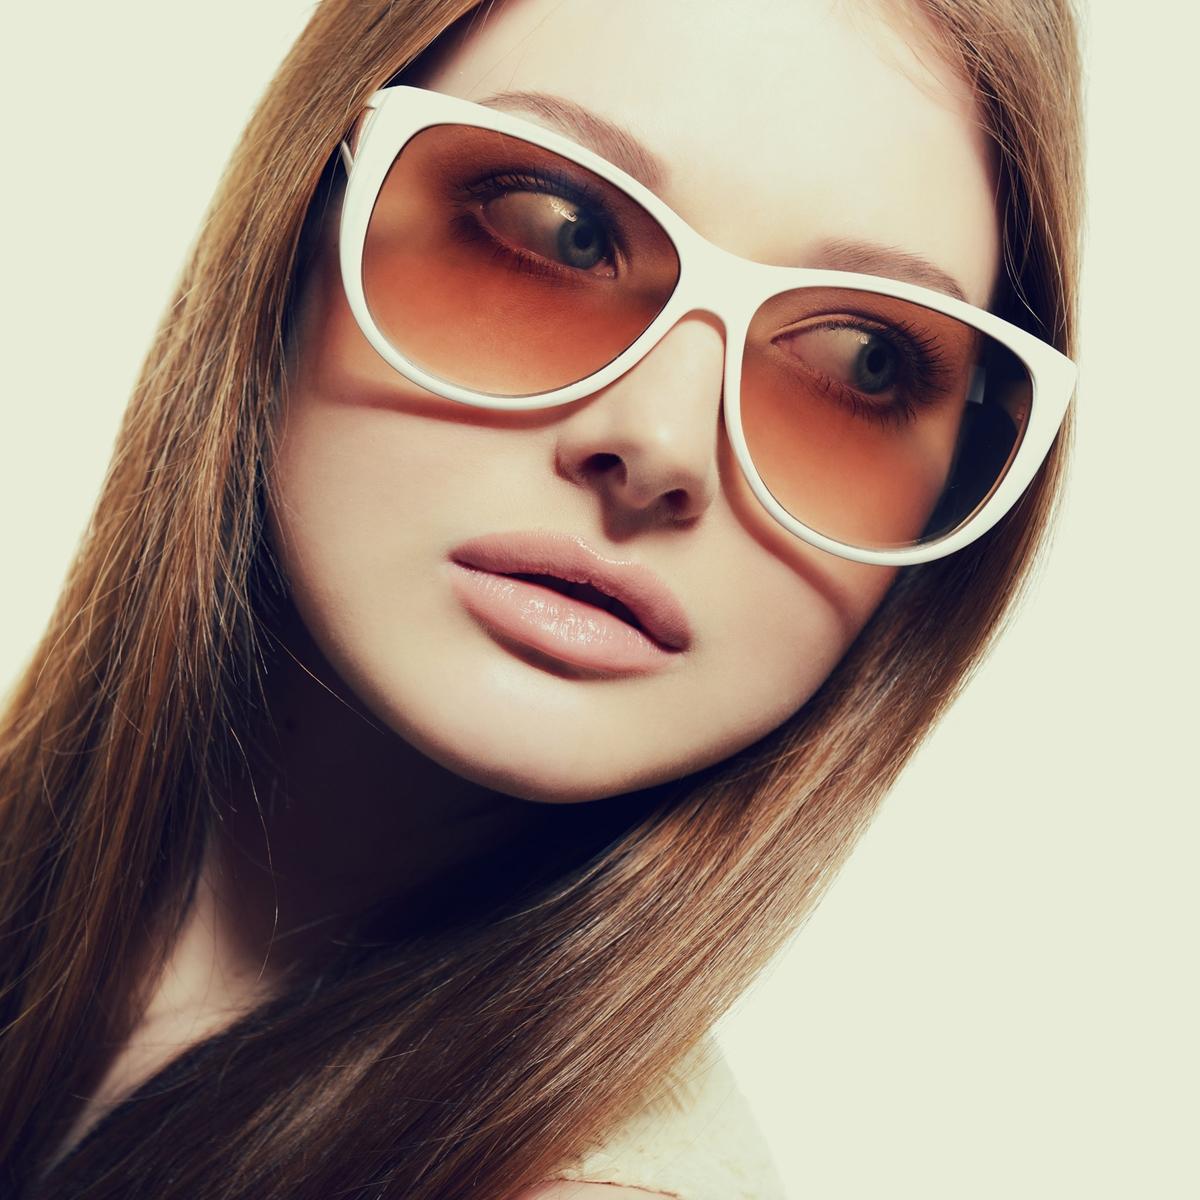 Új szemüvegmodellek